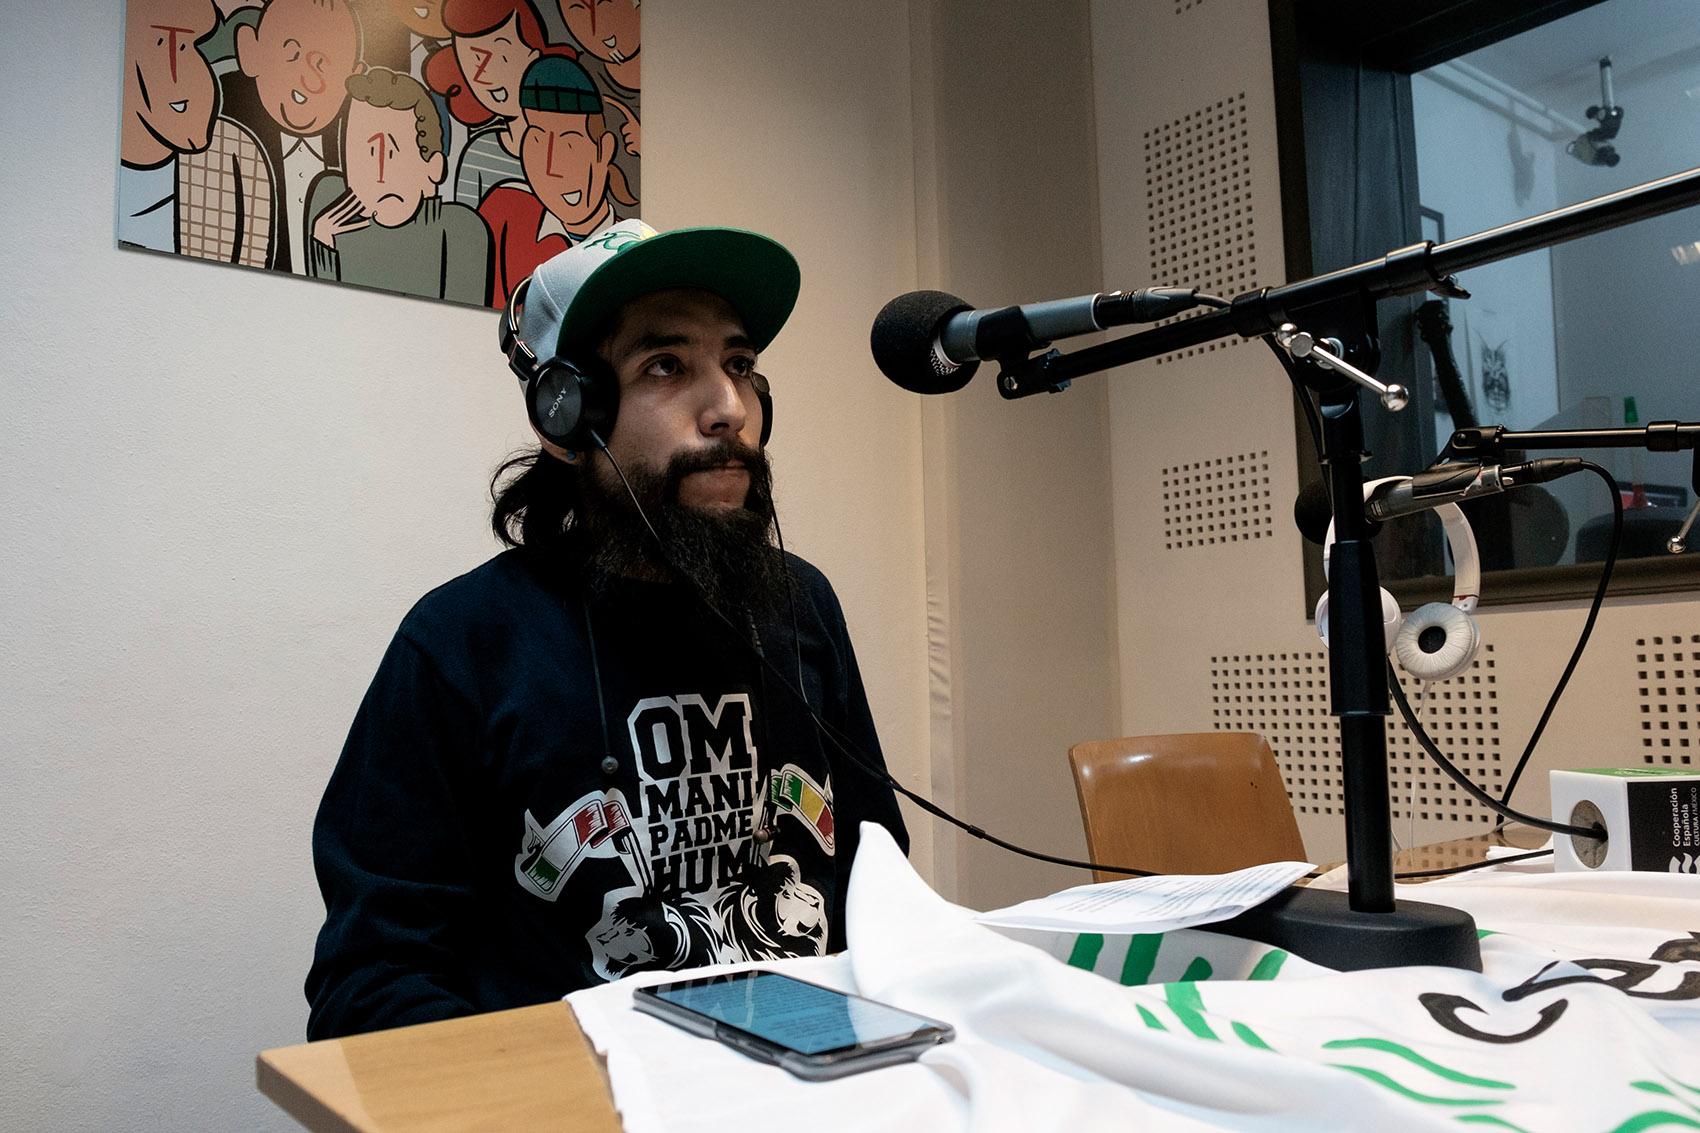 Voces del Oriente Radio por Ockesaid a.k.a Joel Lugo - Street Photographer